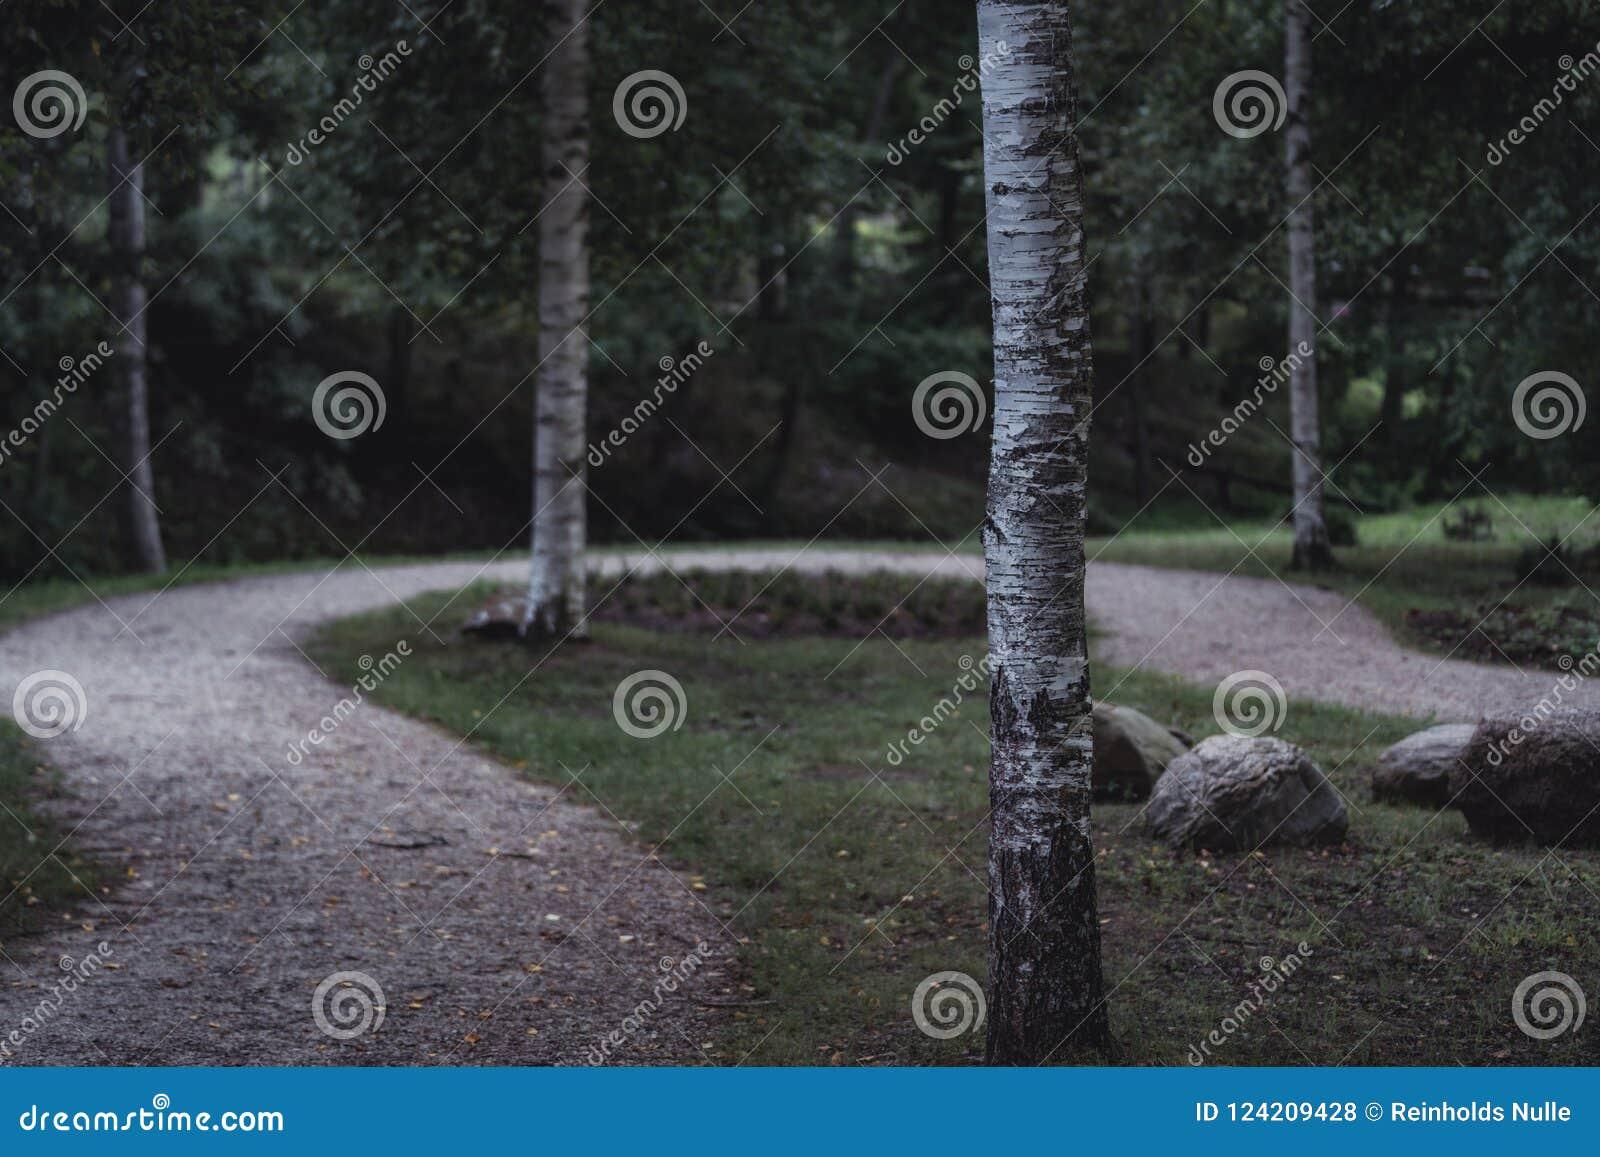 Schwermütiges Foto der Straße in einem Park, zwischen dem Holz - Desaturated,